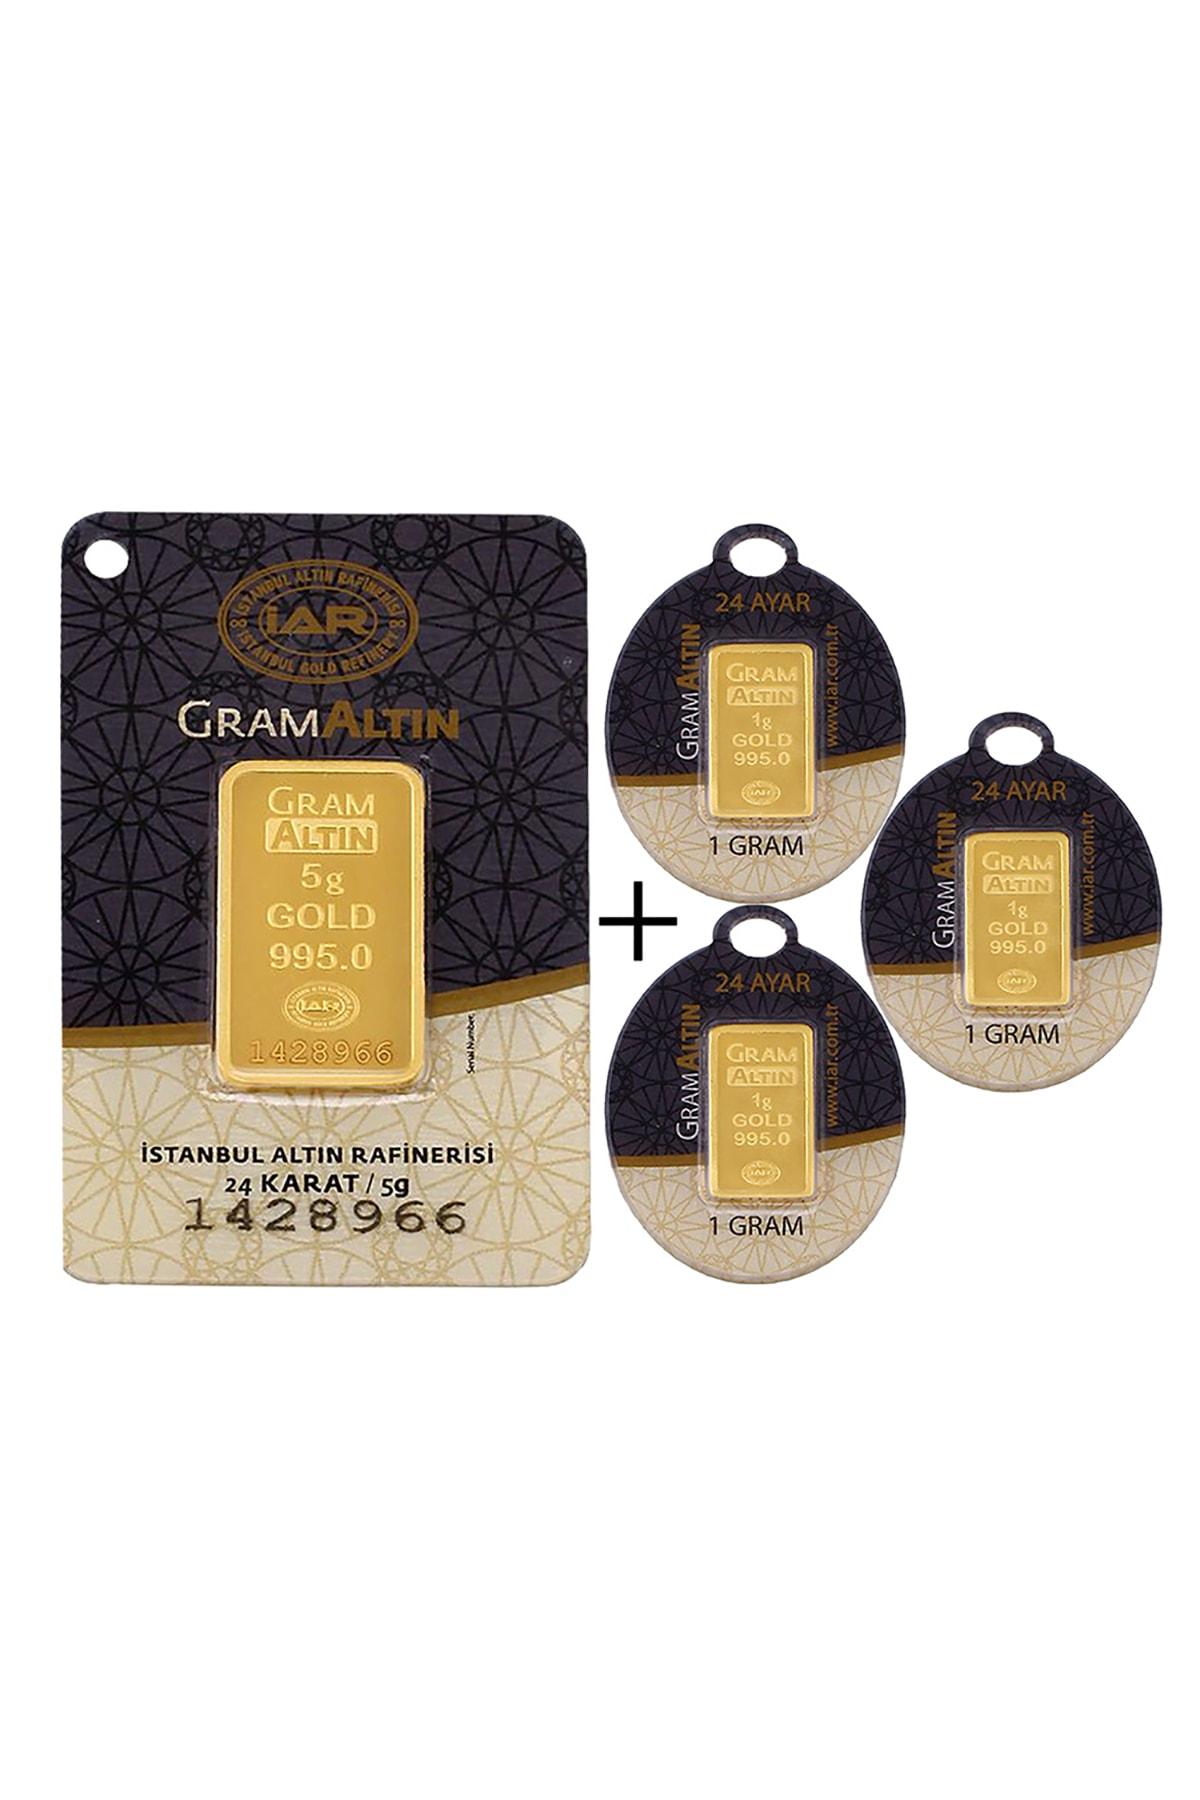 Tuğrul Kuyumculuk 8 Gram (5+3) Külçe Gram Altın IAR 24 Ayar K00008 0